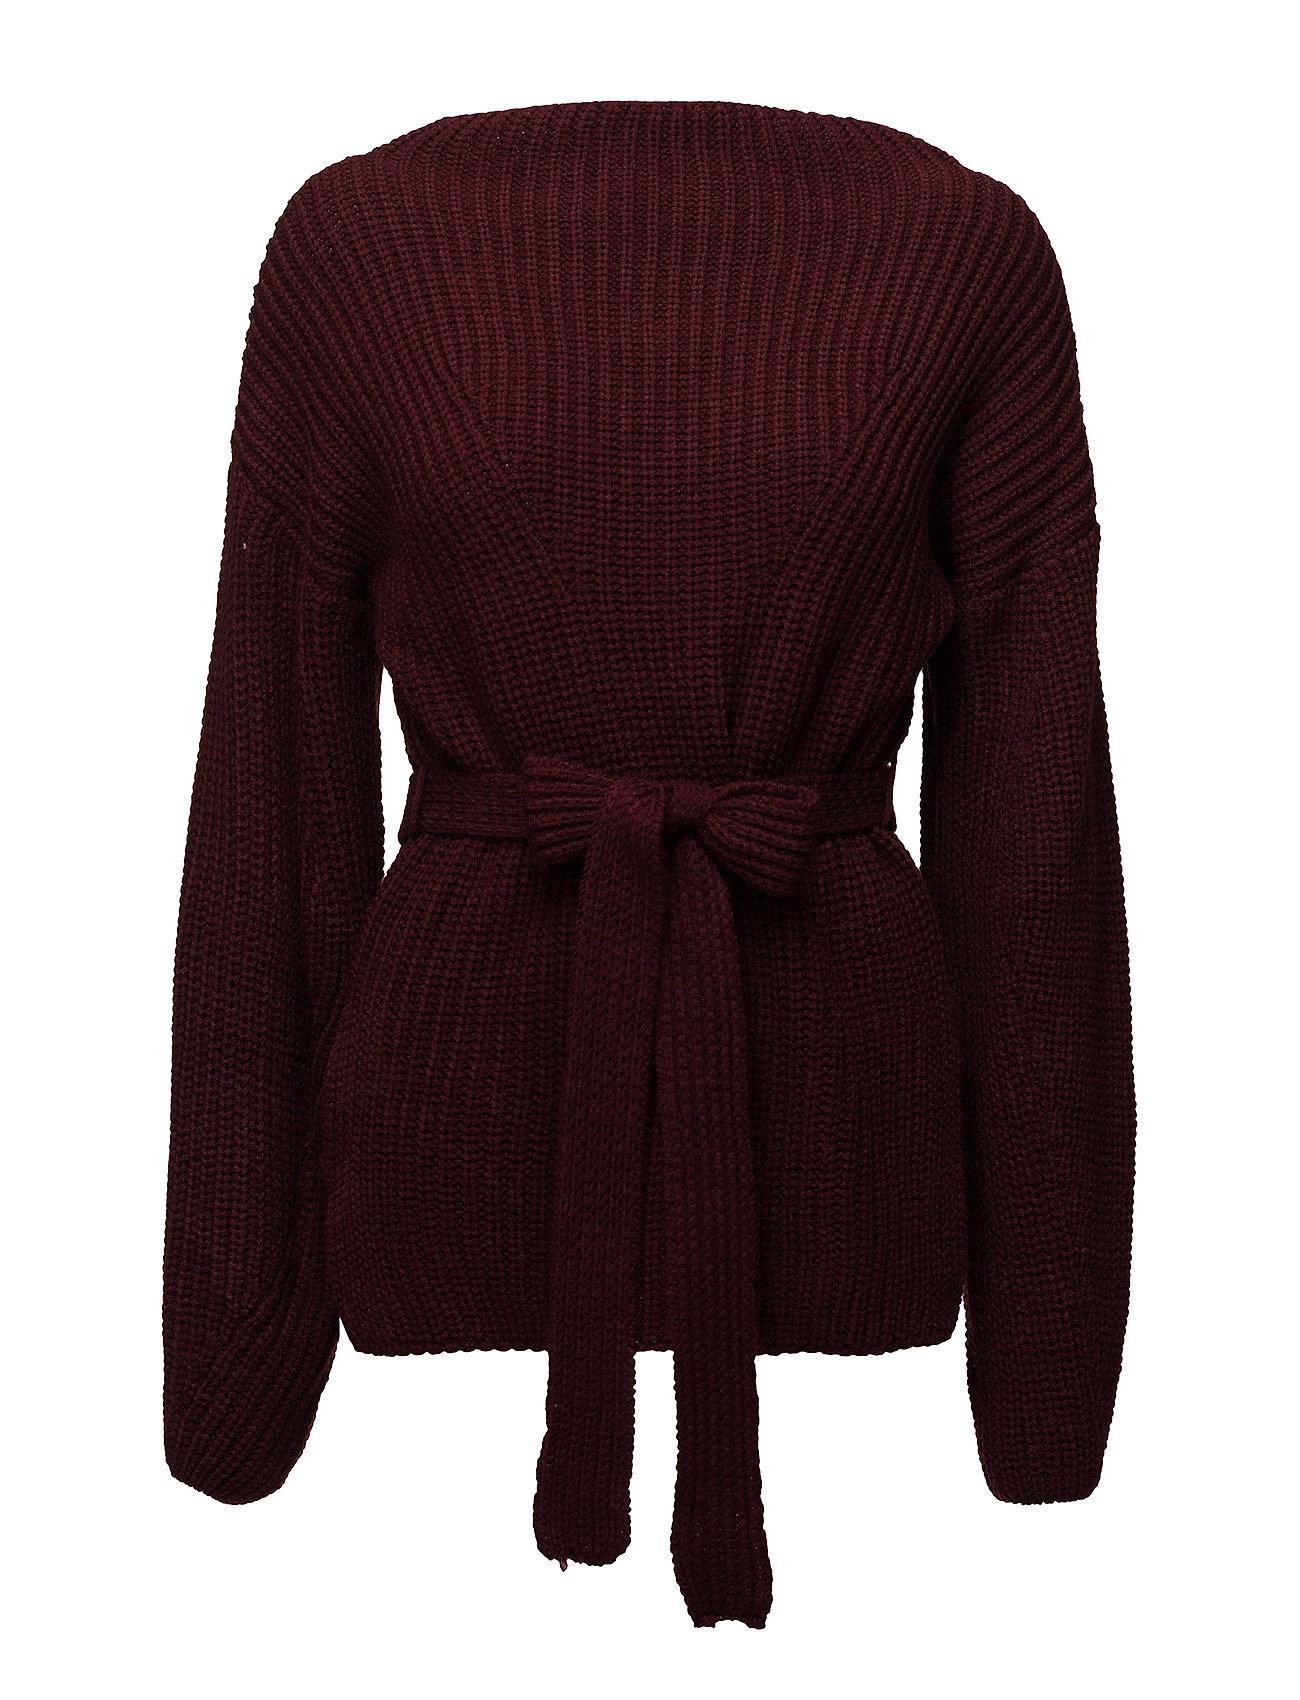 Mango Bow knit sweater